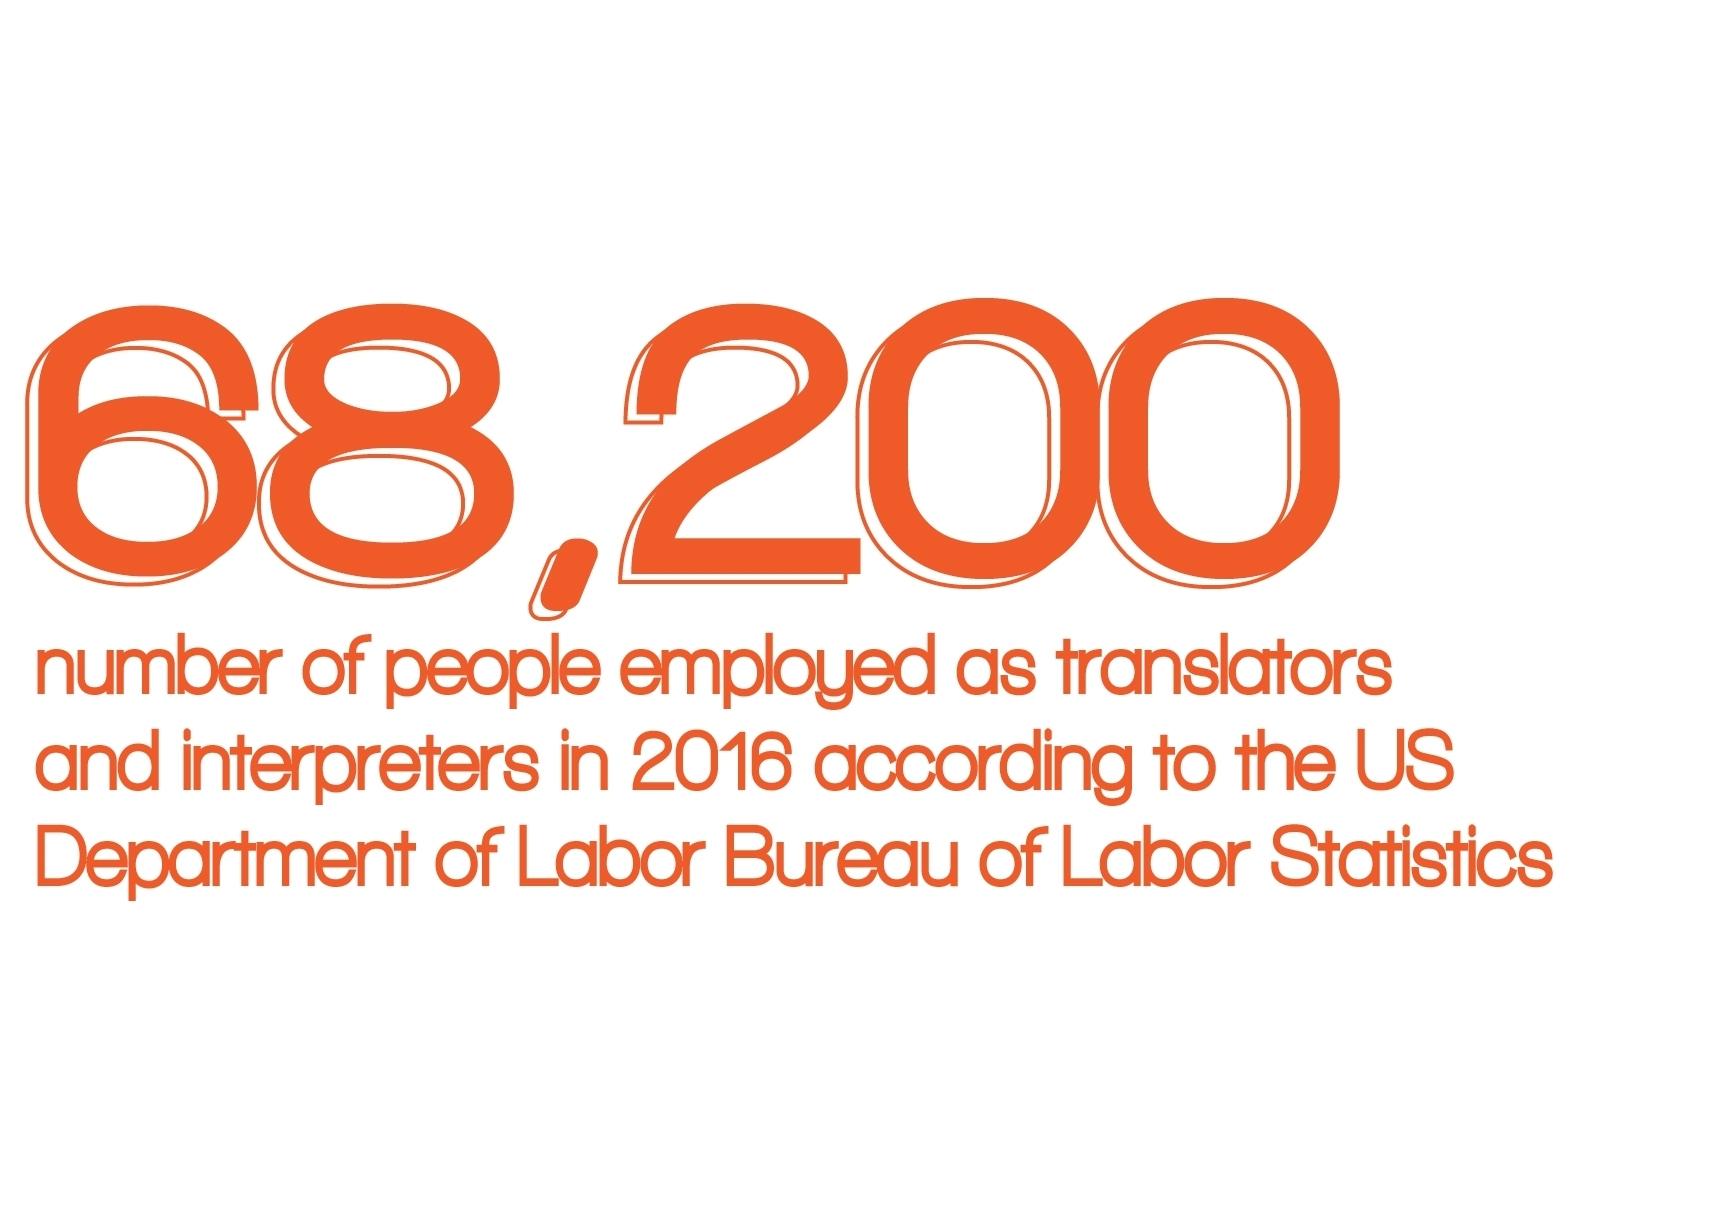 68,200 people employed as translators/interpreters in 2016